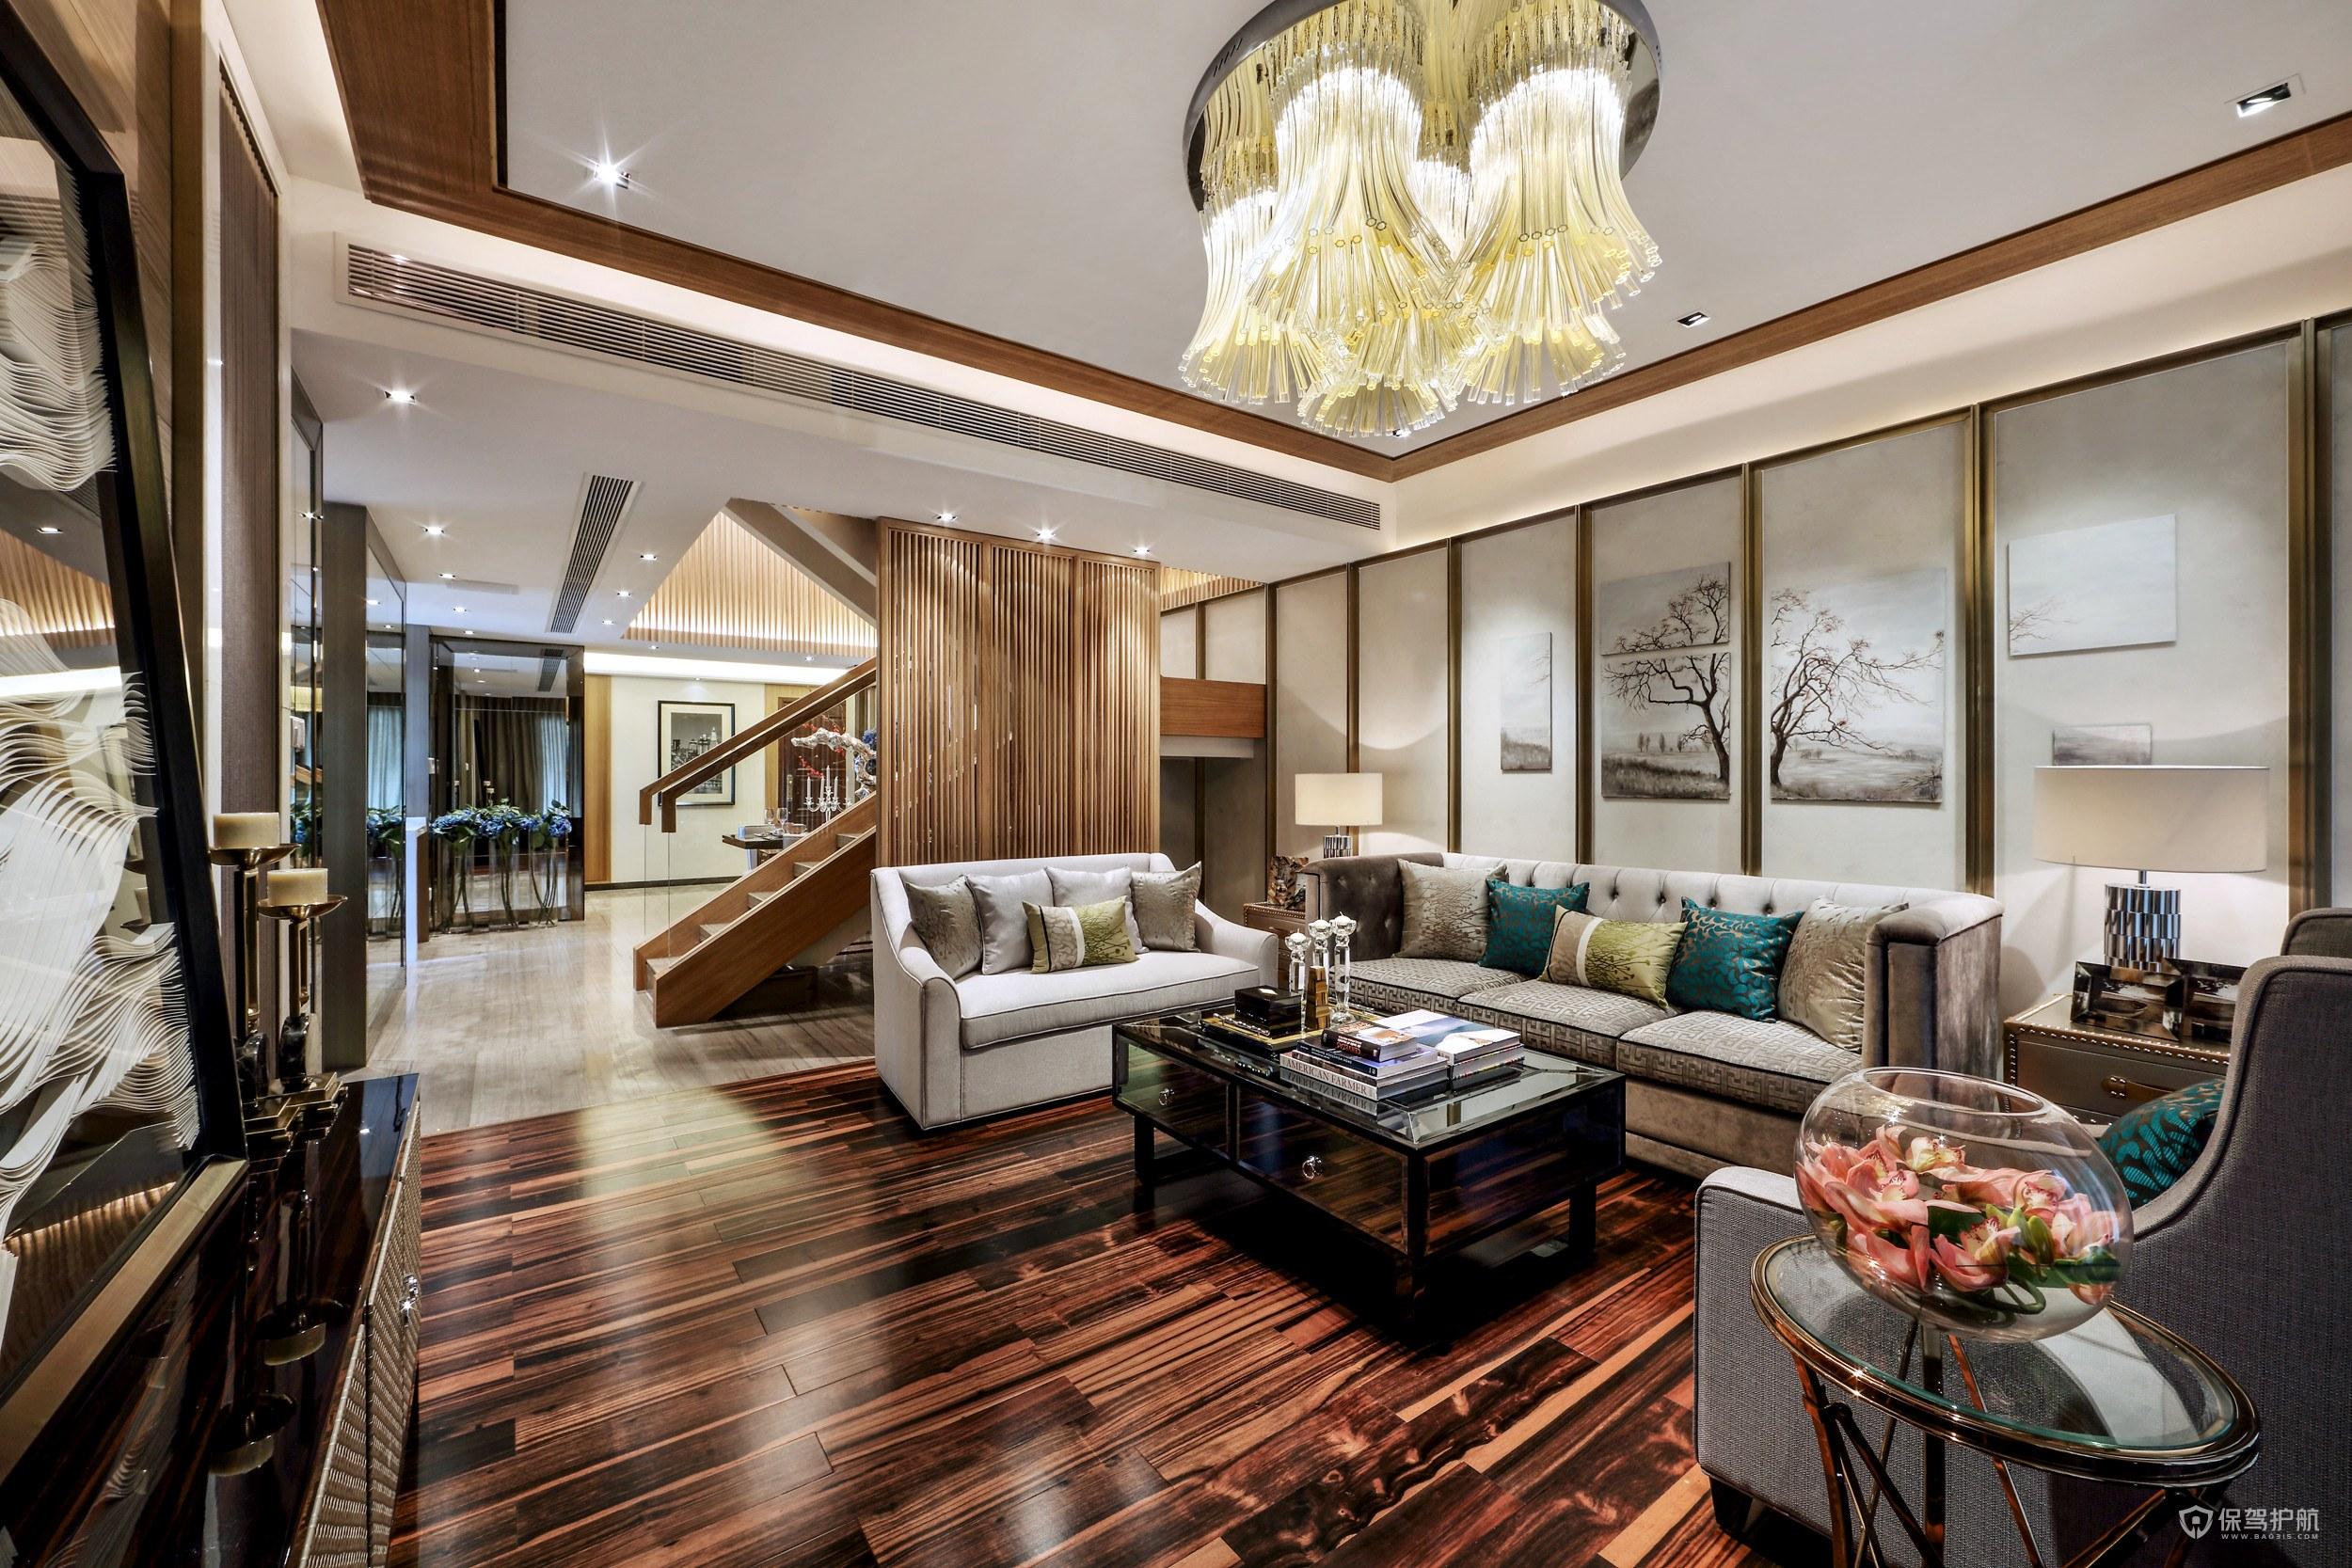 最新中式沙發樣式圖片大全,中式客廳裝修設計效果圖